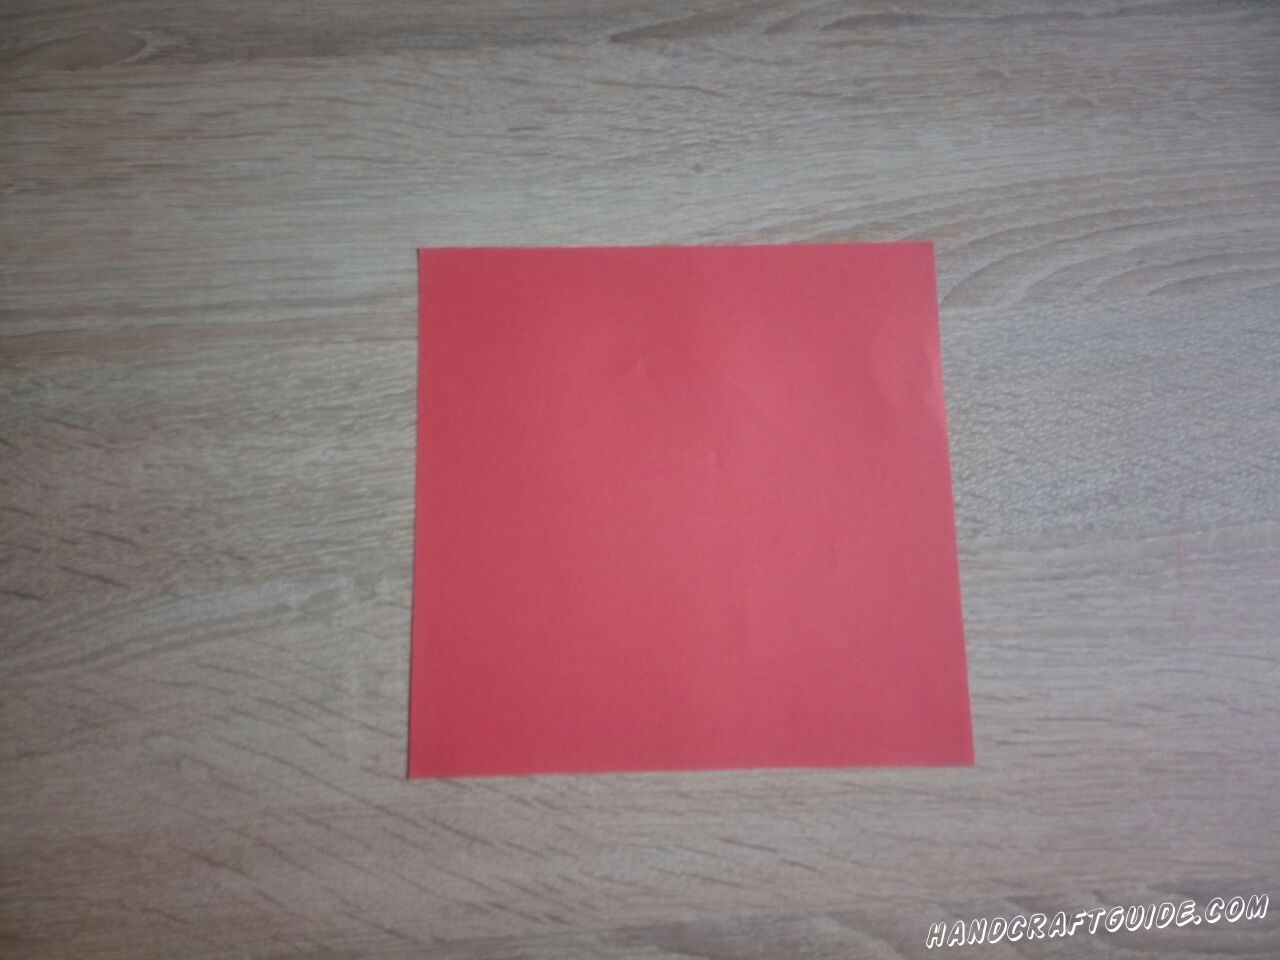 Вырезаем ровный квадрат цвета, которым будет Ваша коробочка